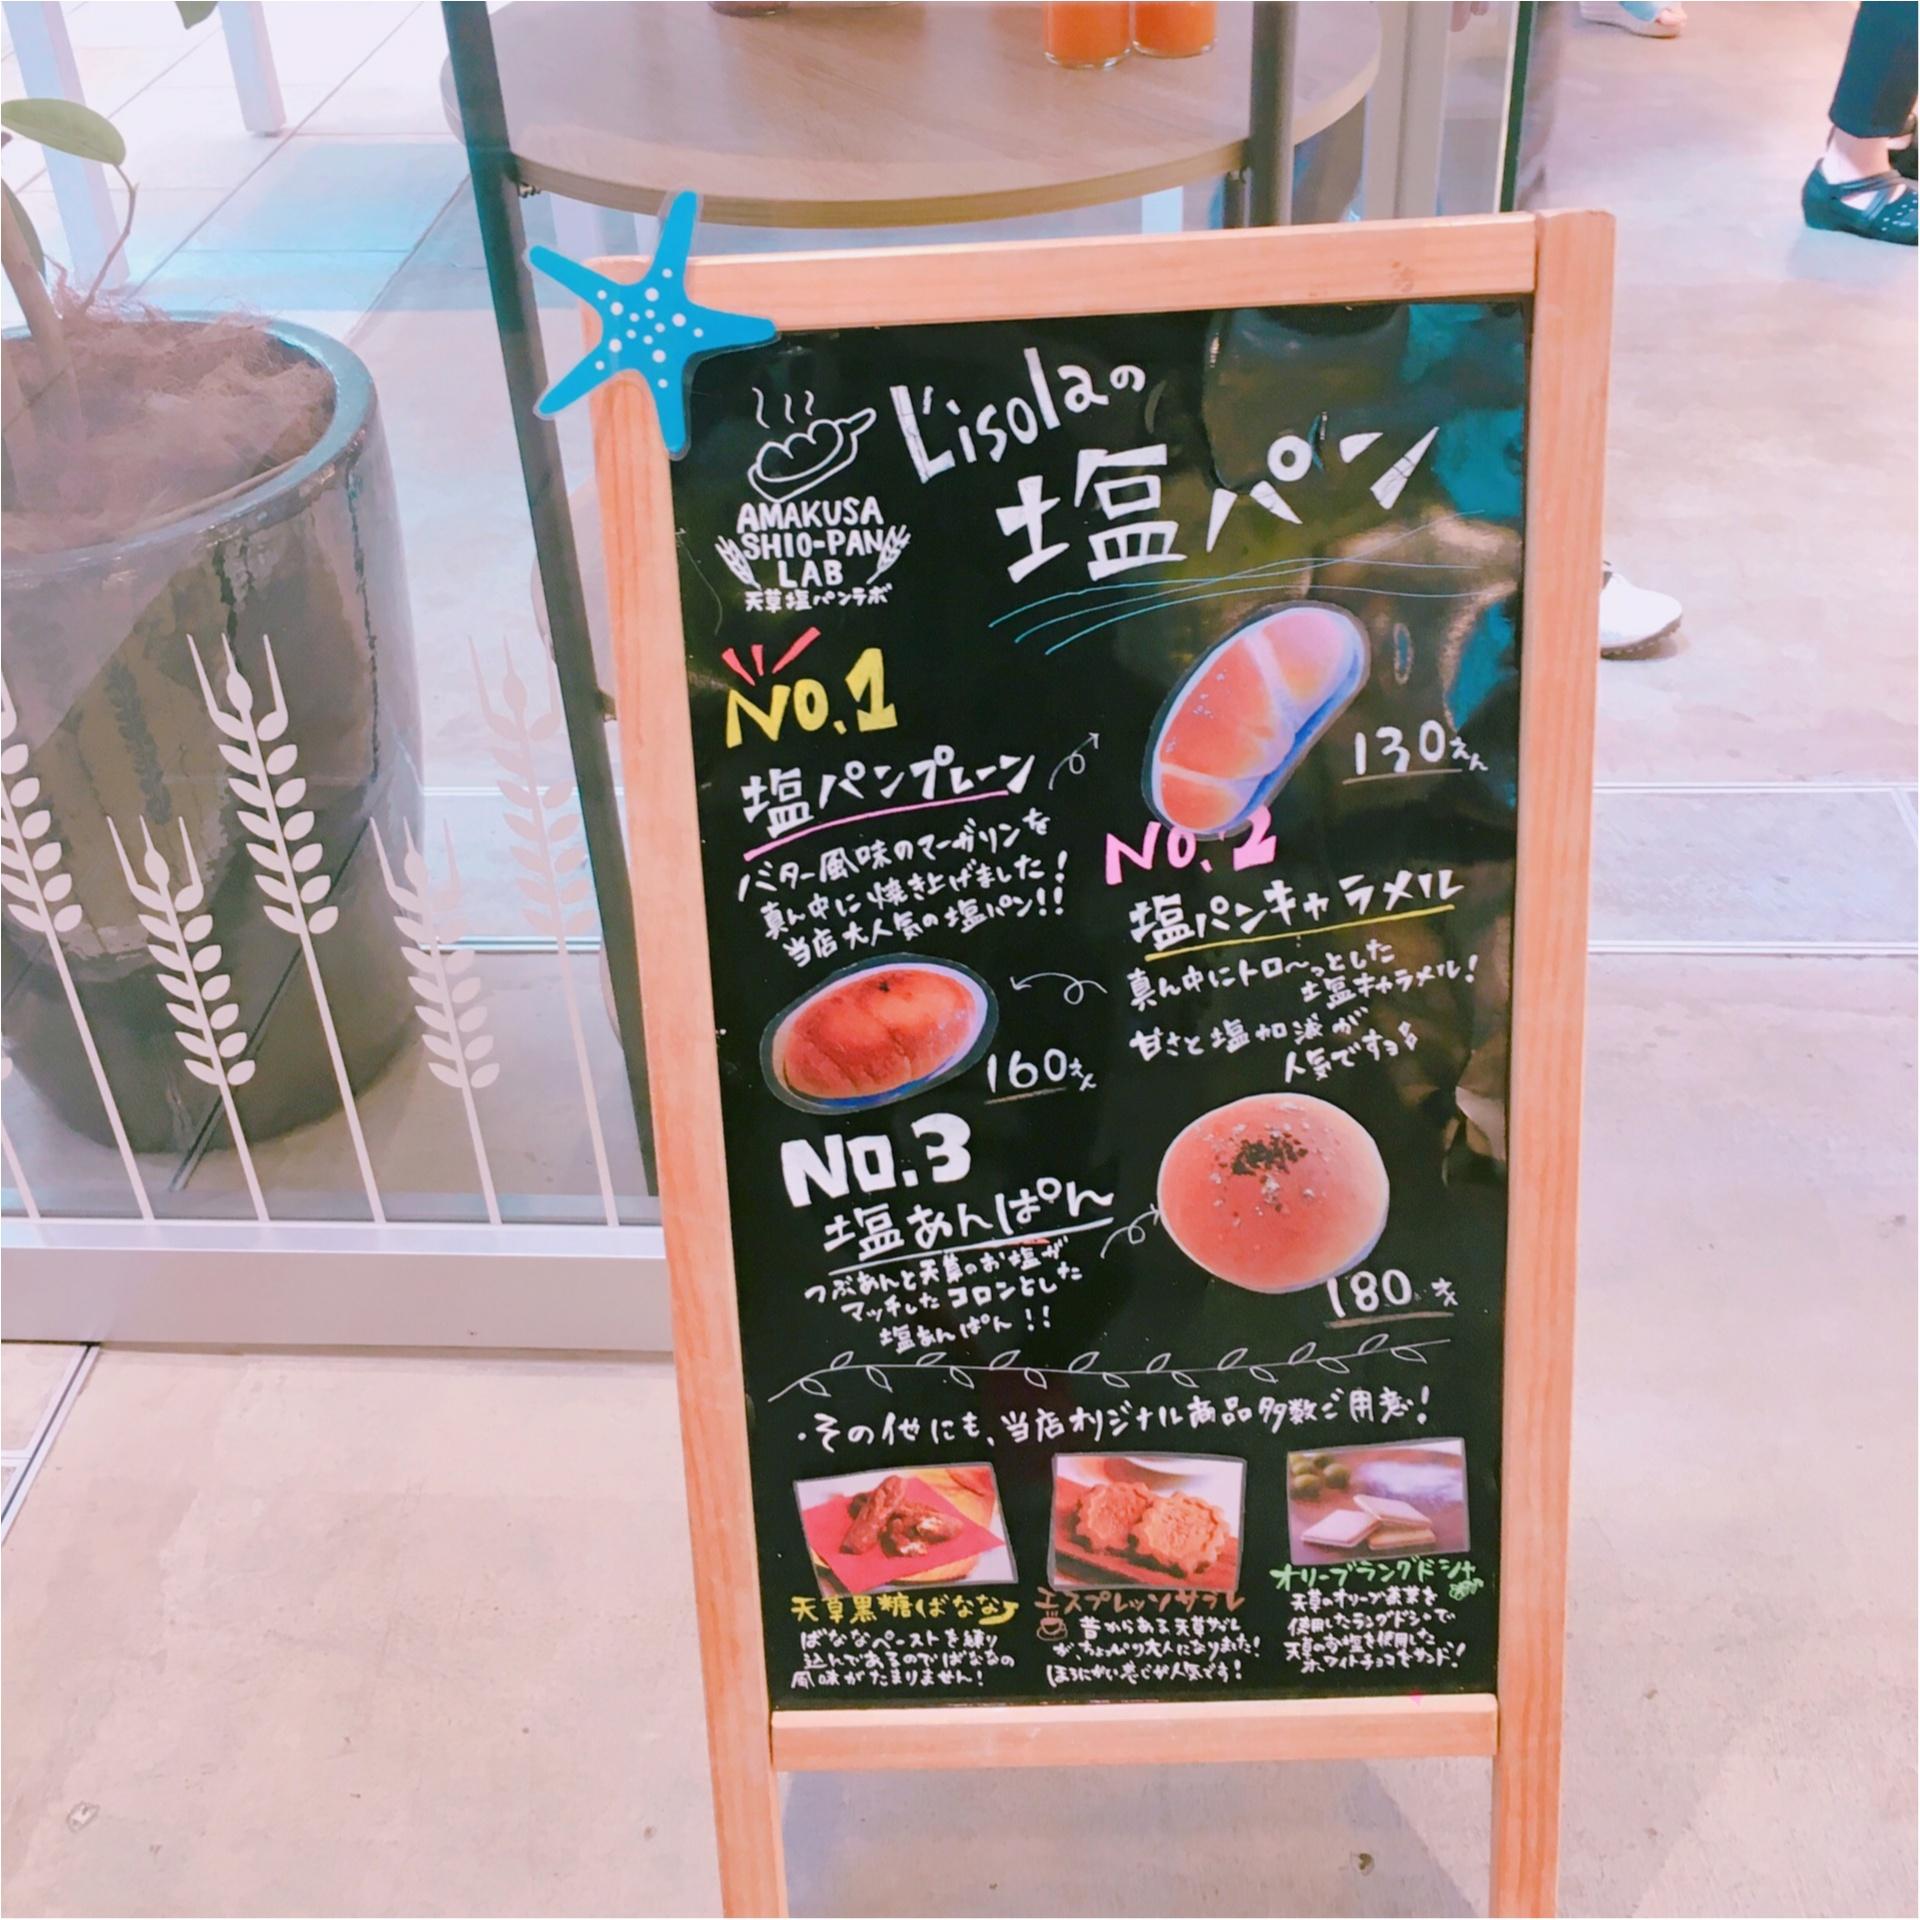 天草で大人気のスポット&絶品塩パン、教えちゃいます!【#モアチャレ 熊本の魅力発信!】_2